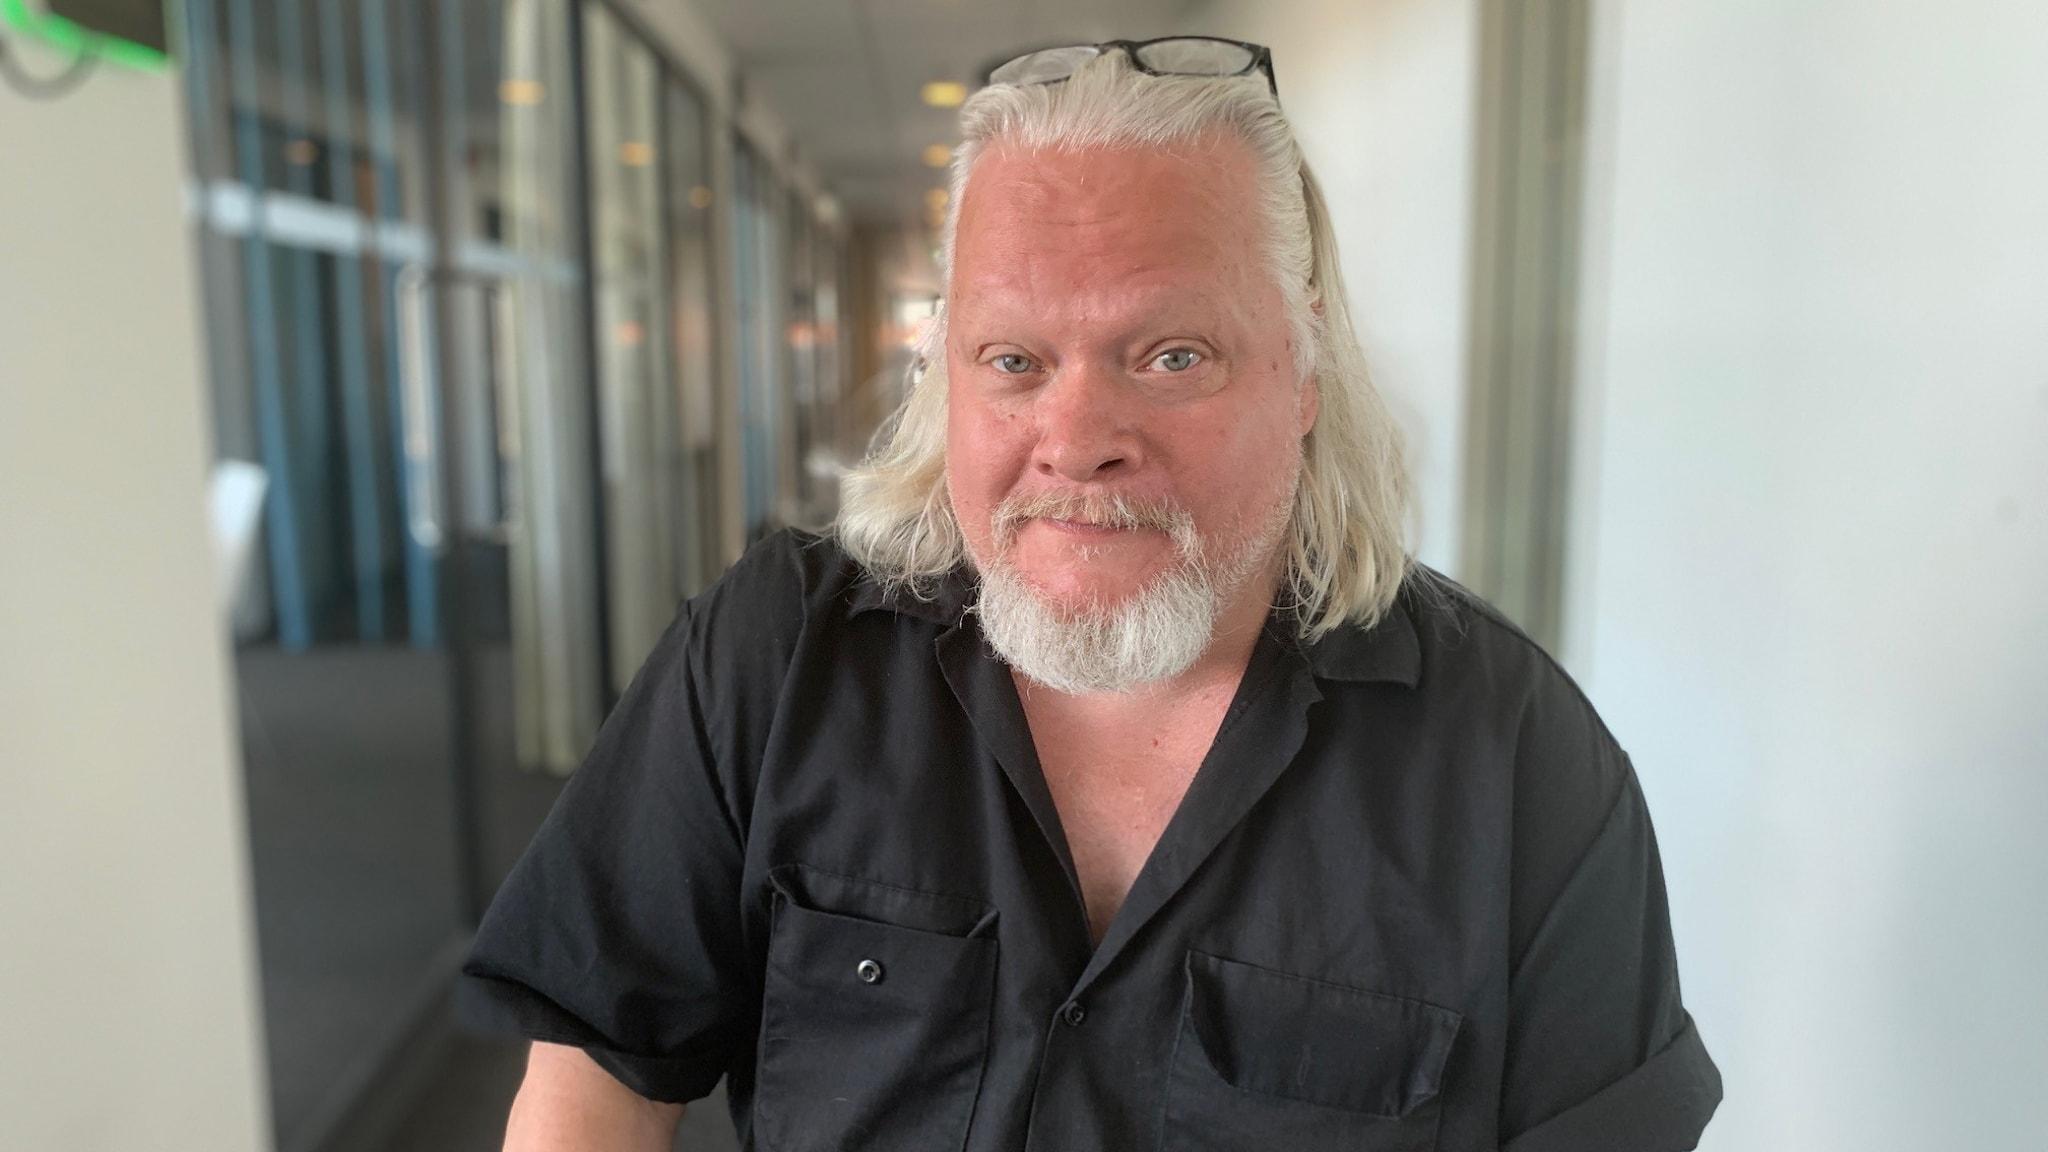 Skådespelaren Kjell Wilhelmsen sitter på en stol och tittar in mot kameran. Han har på sig en svart skjorta och glasögonen på huvudet.